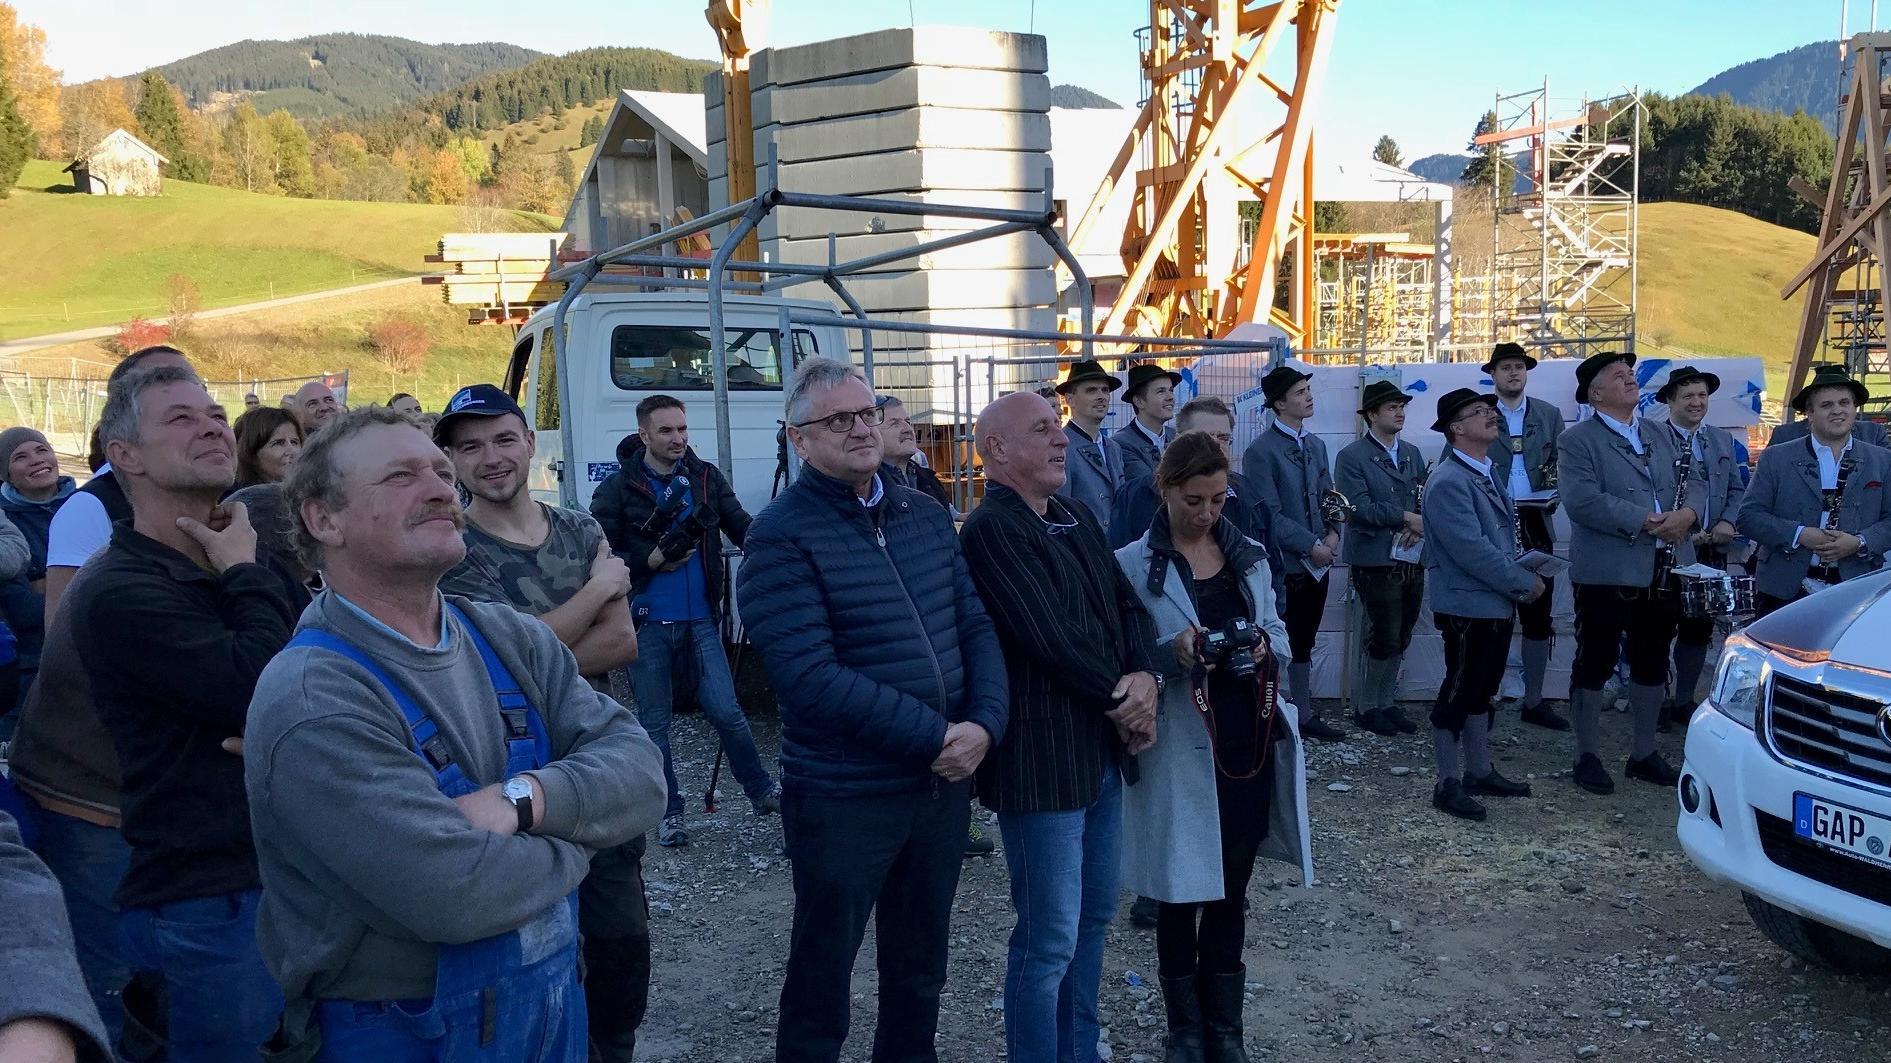 Richtfest: In der Mitte (mit schwarzer Jacke und Jeans) der Bauherr Christian Zott.